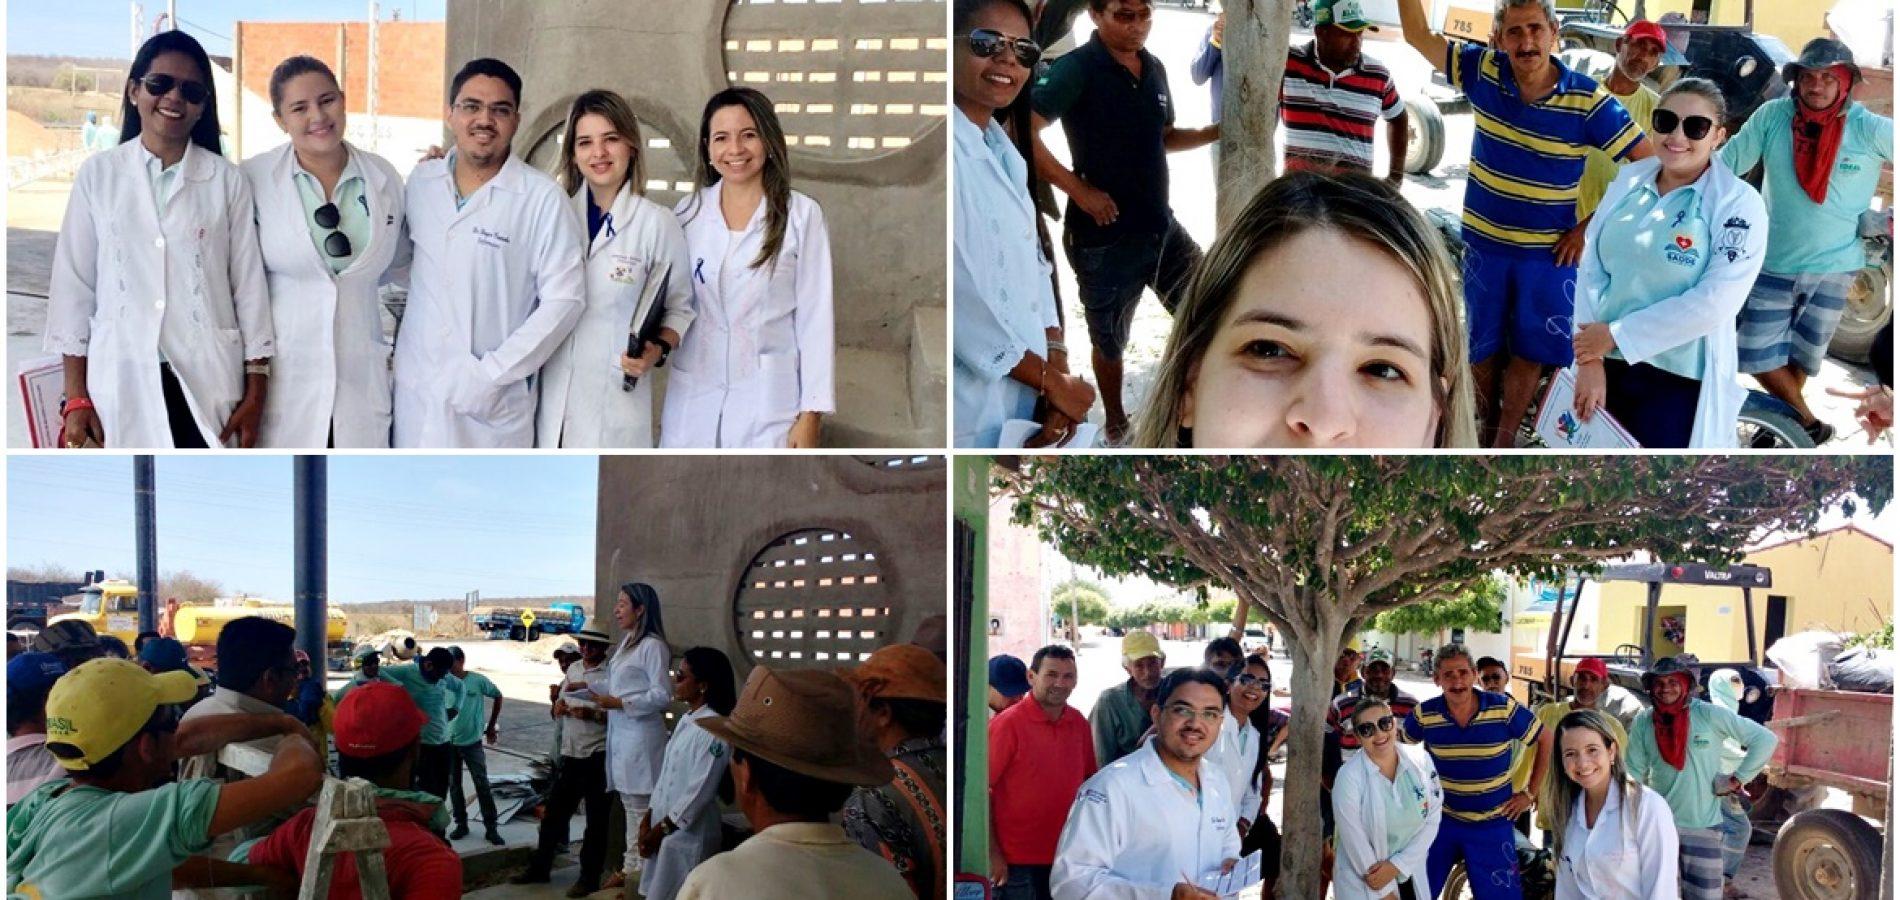 Em Vila Nova, Saúde e NASF direcionam ações à saúde do homem em alusão ao 'Novembro Azul'. Veja fotos!